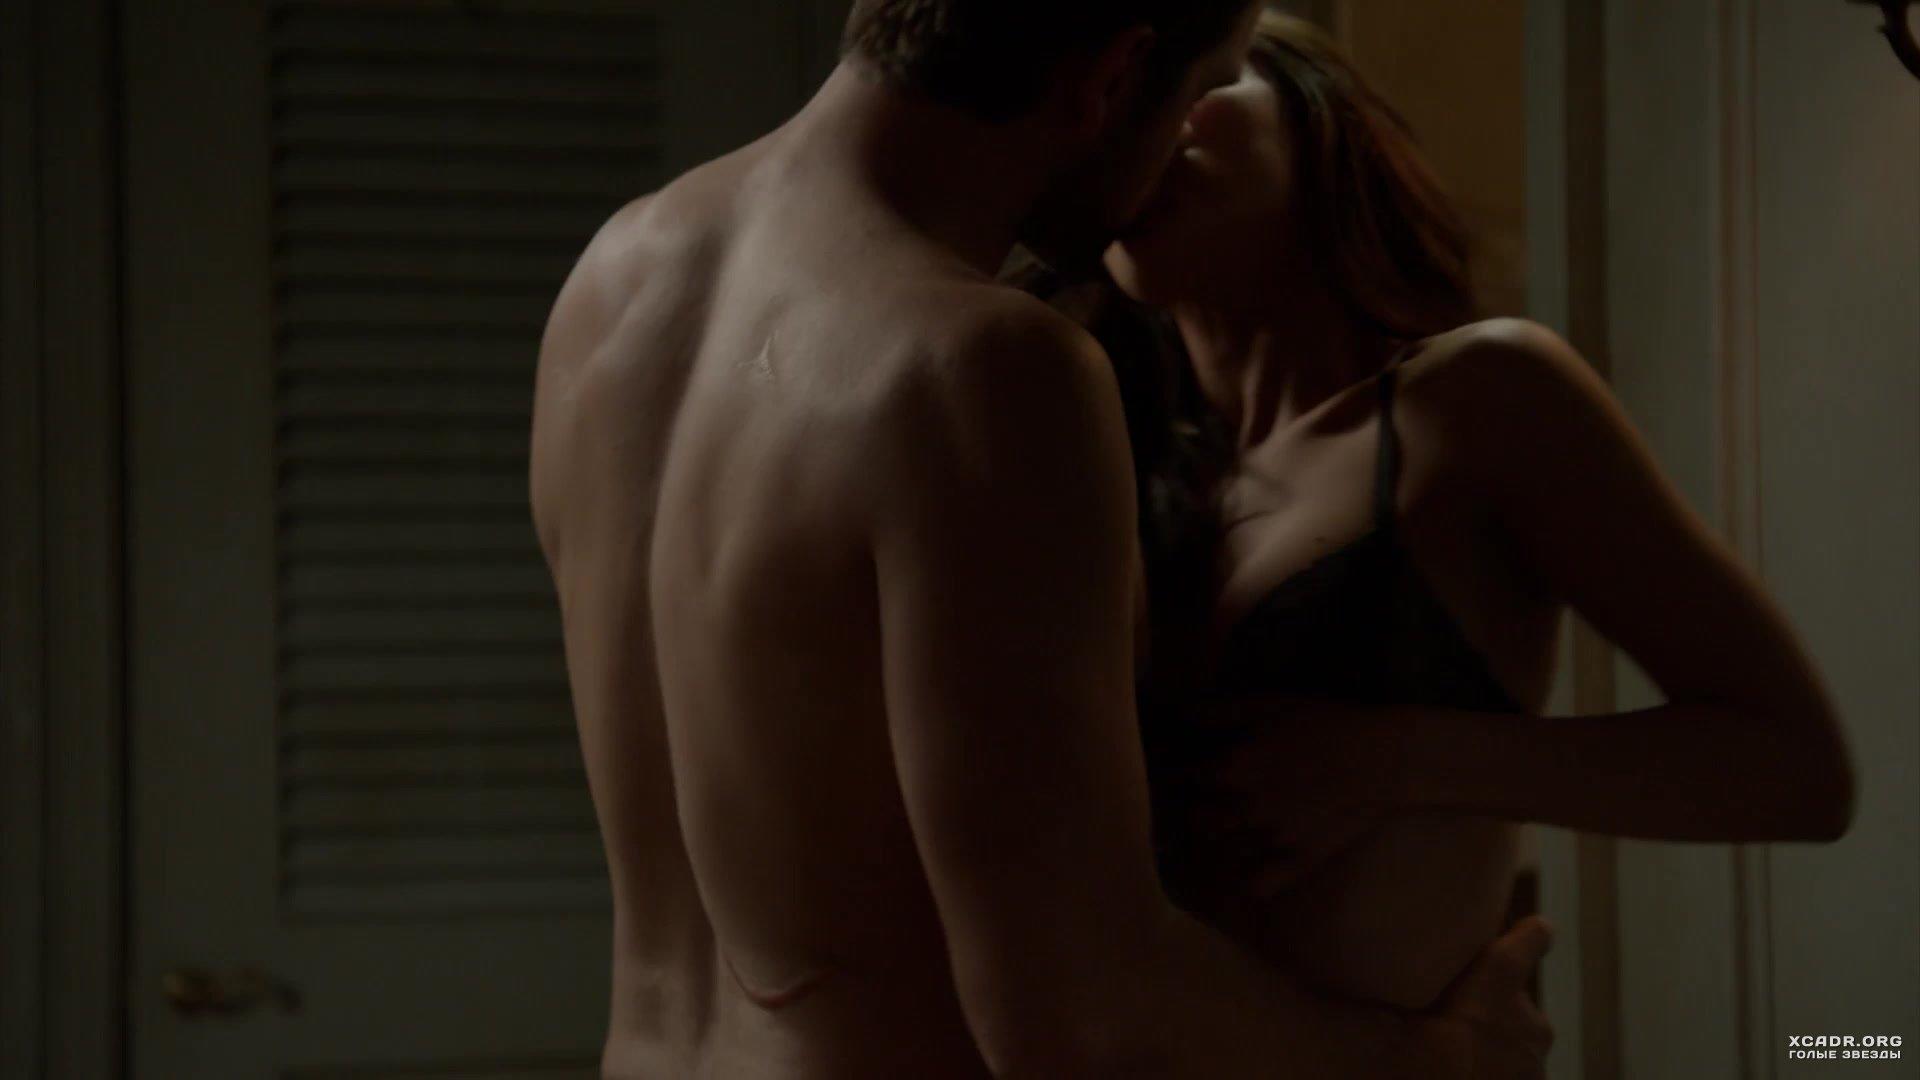 Eliza dushku sex movie for free — photo 3